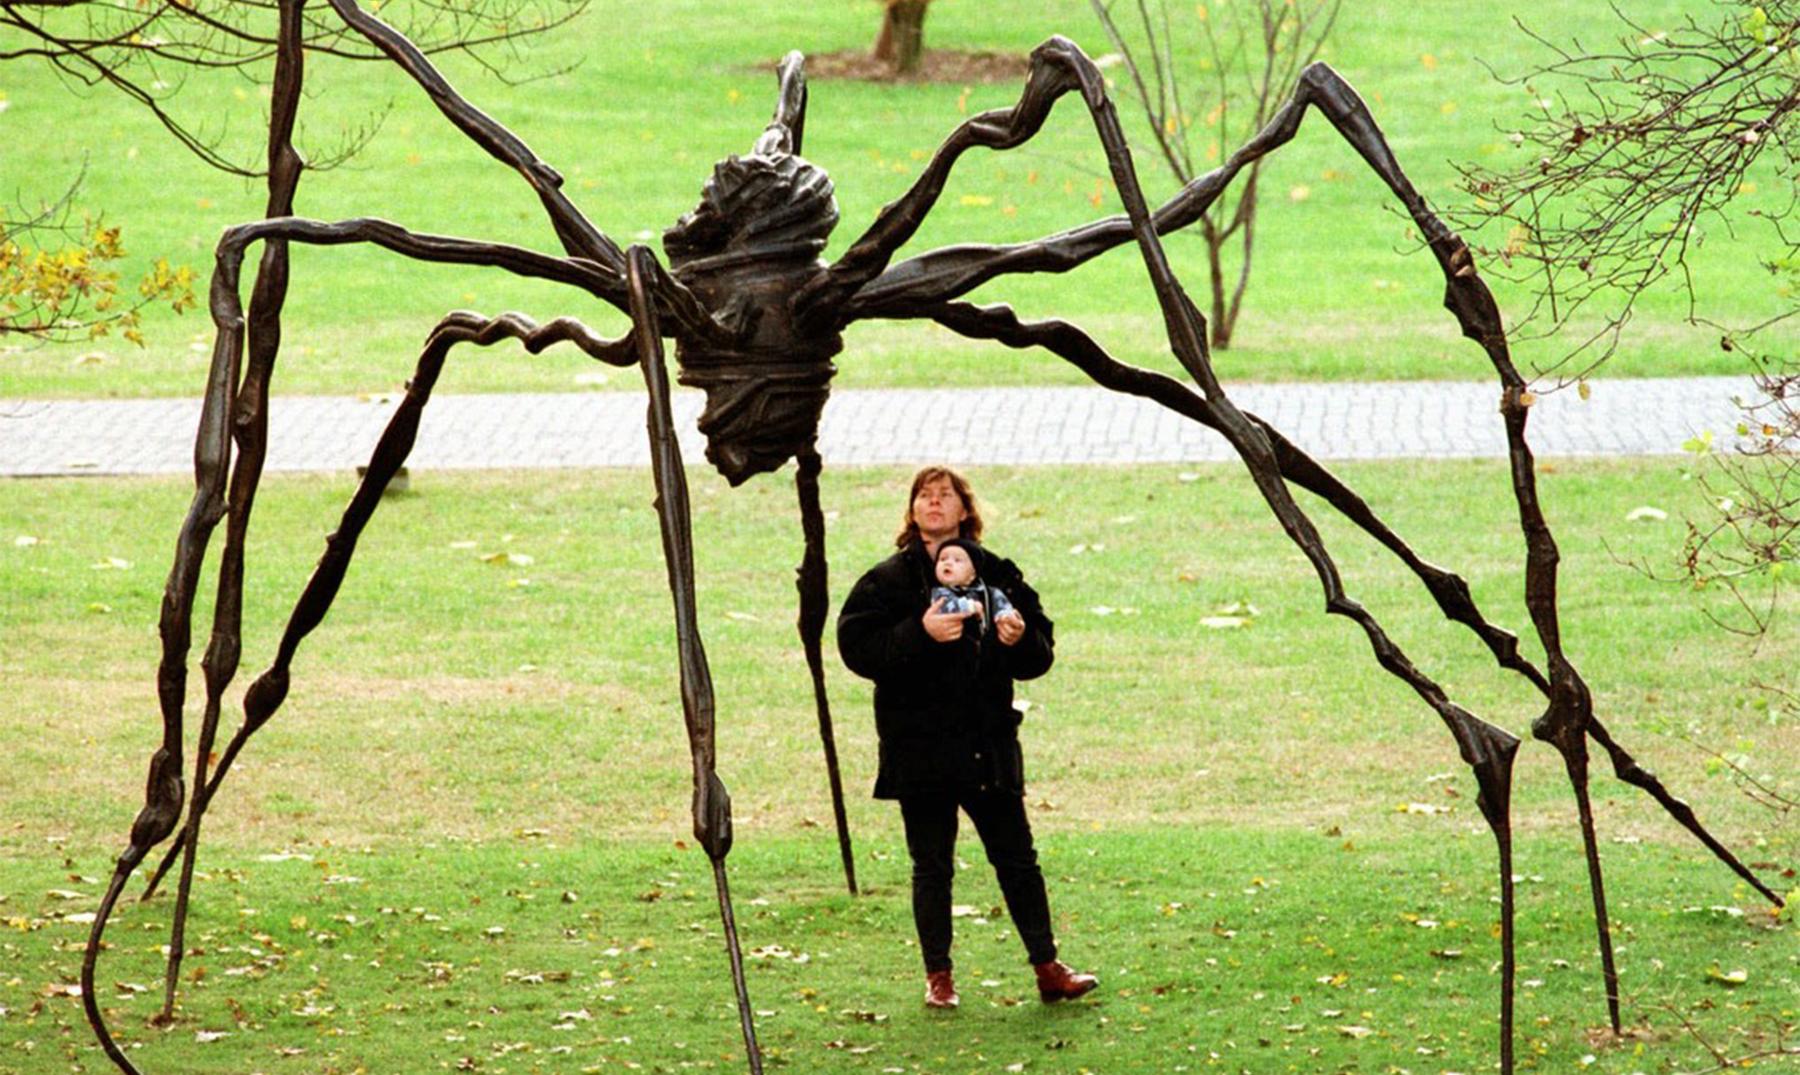 5 arañas gigantes de nuestro planeta | ¡Impresionan!